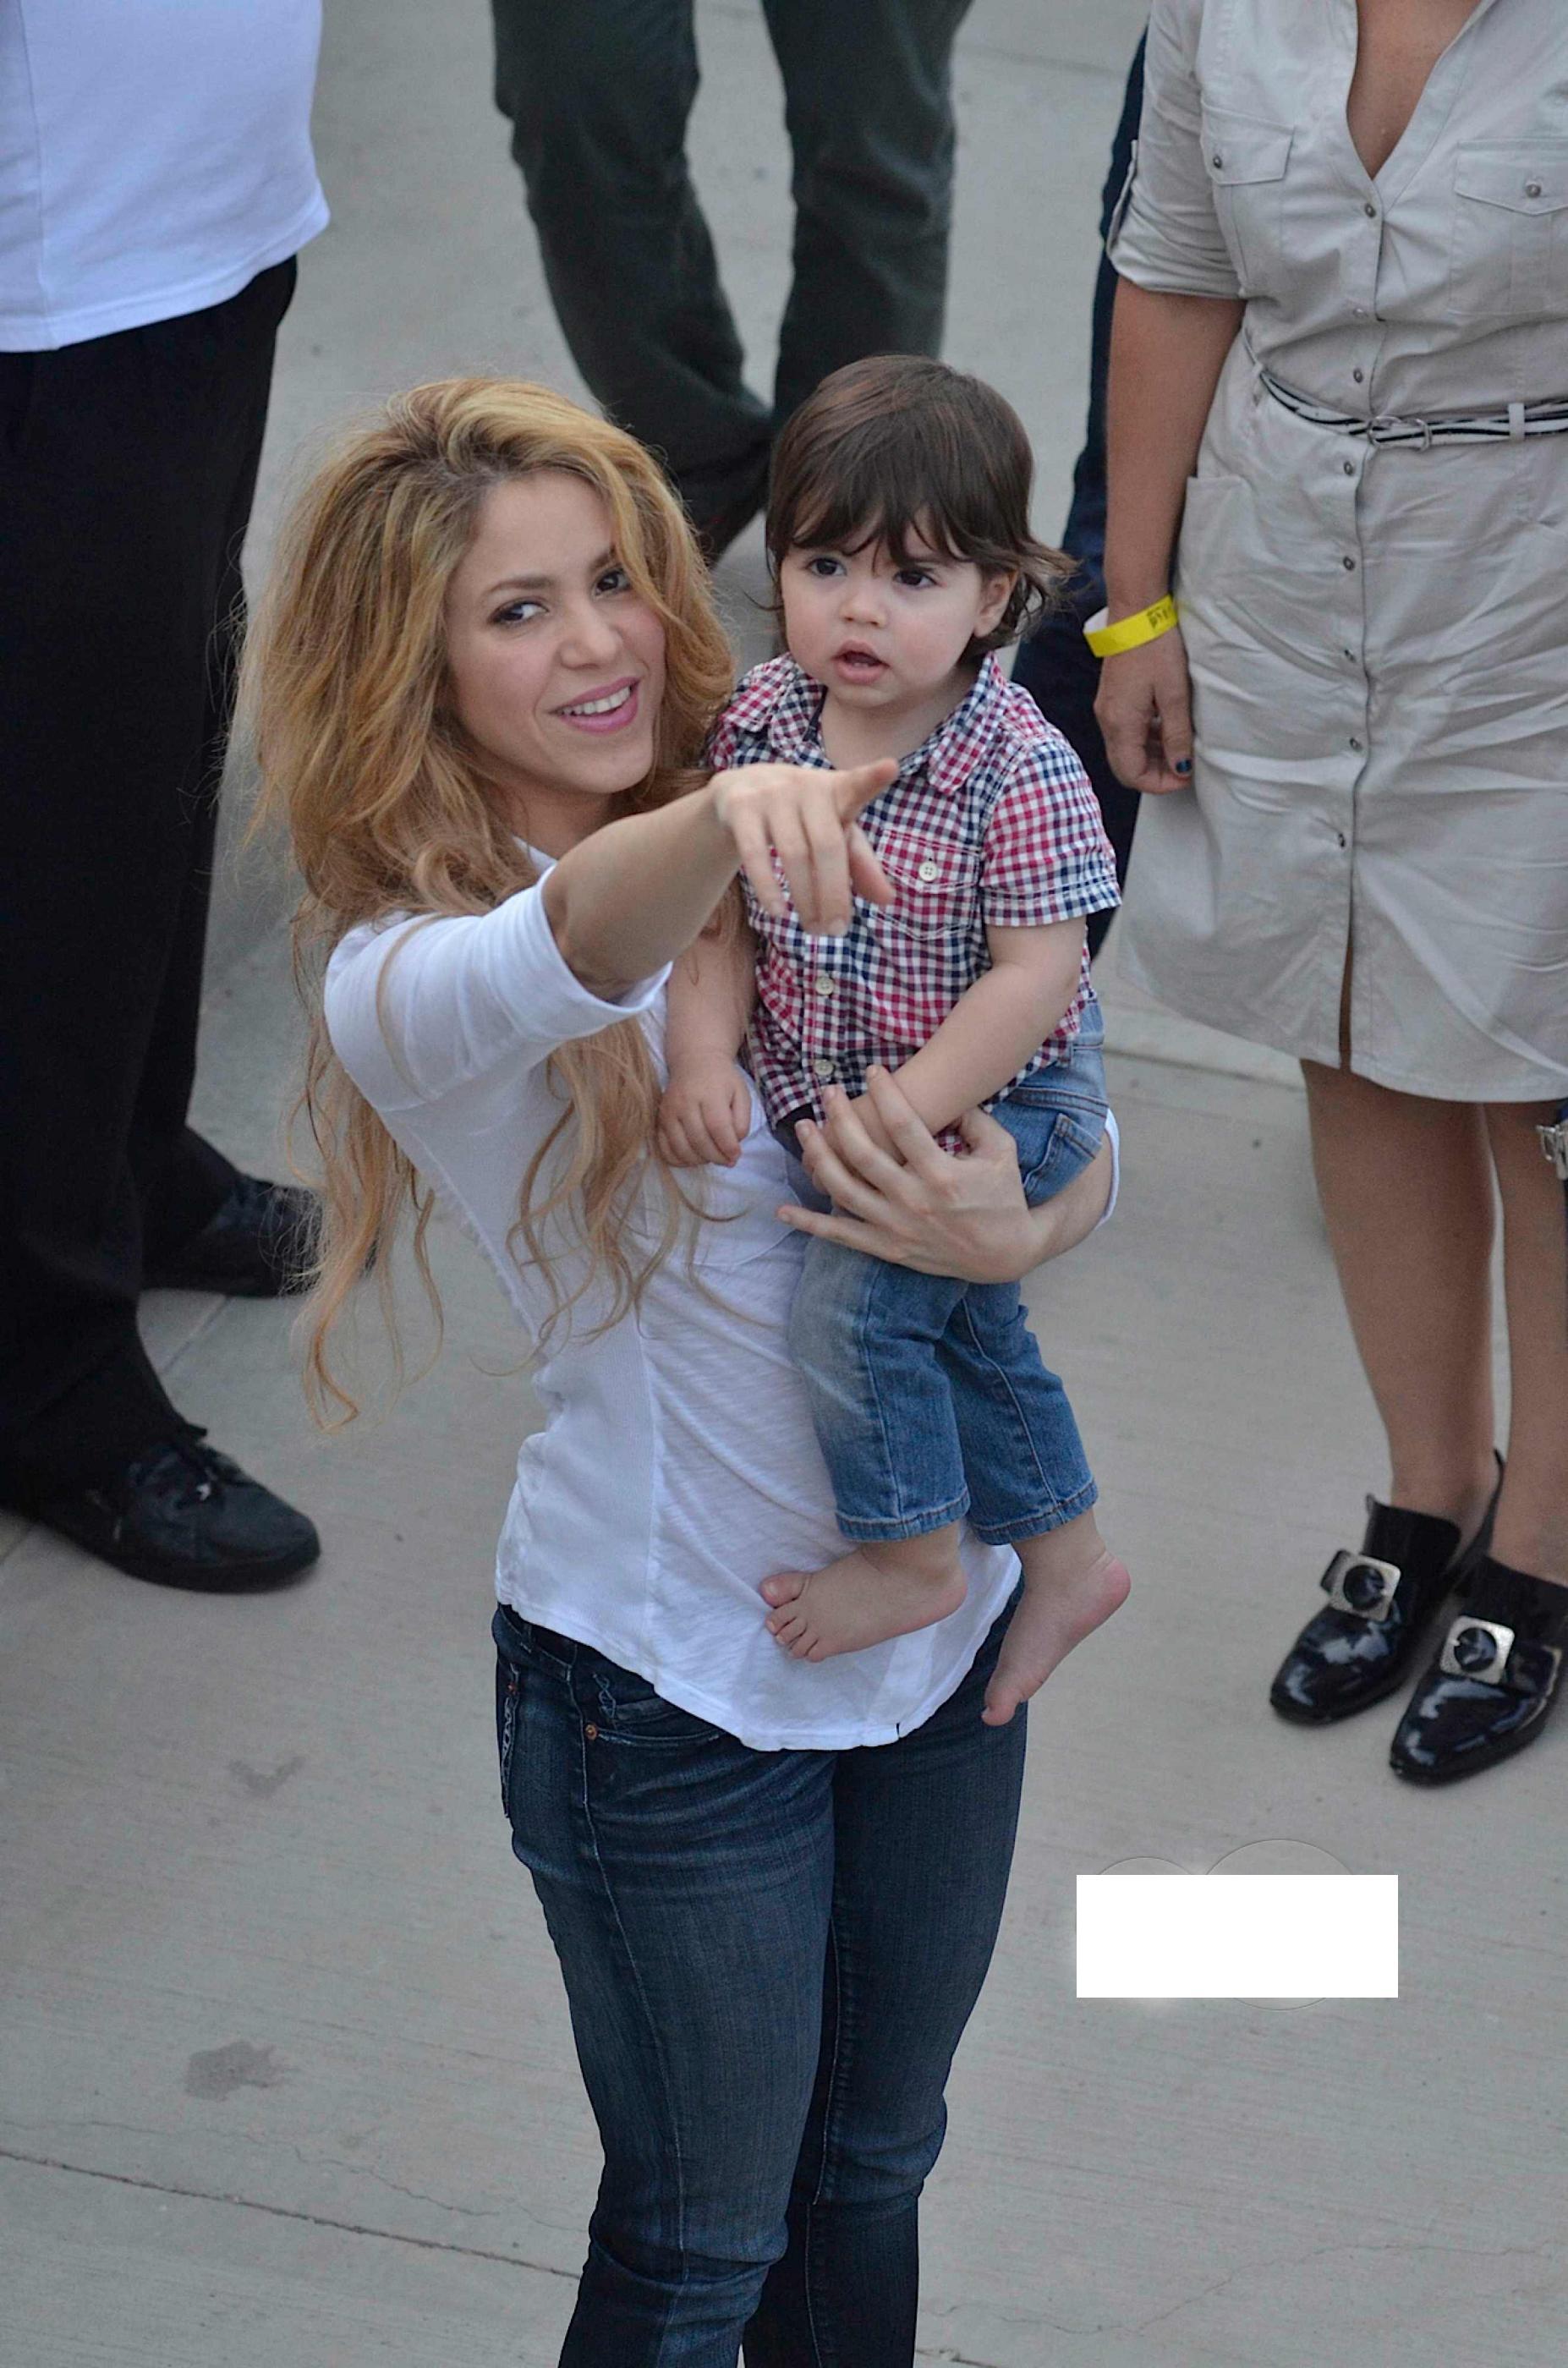 Шакира биография личная жизнь дети фото